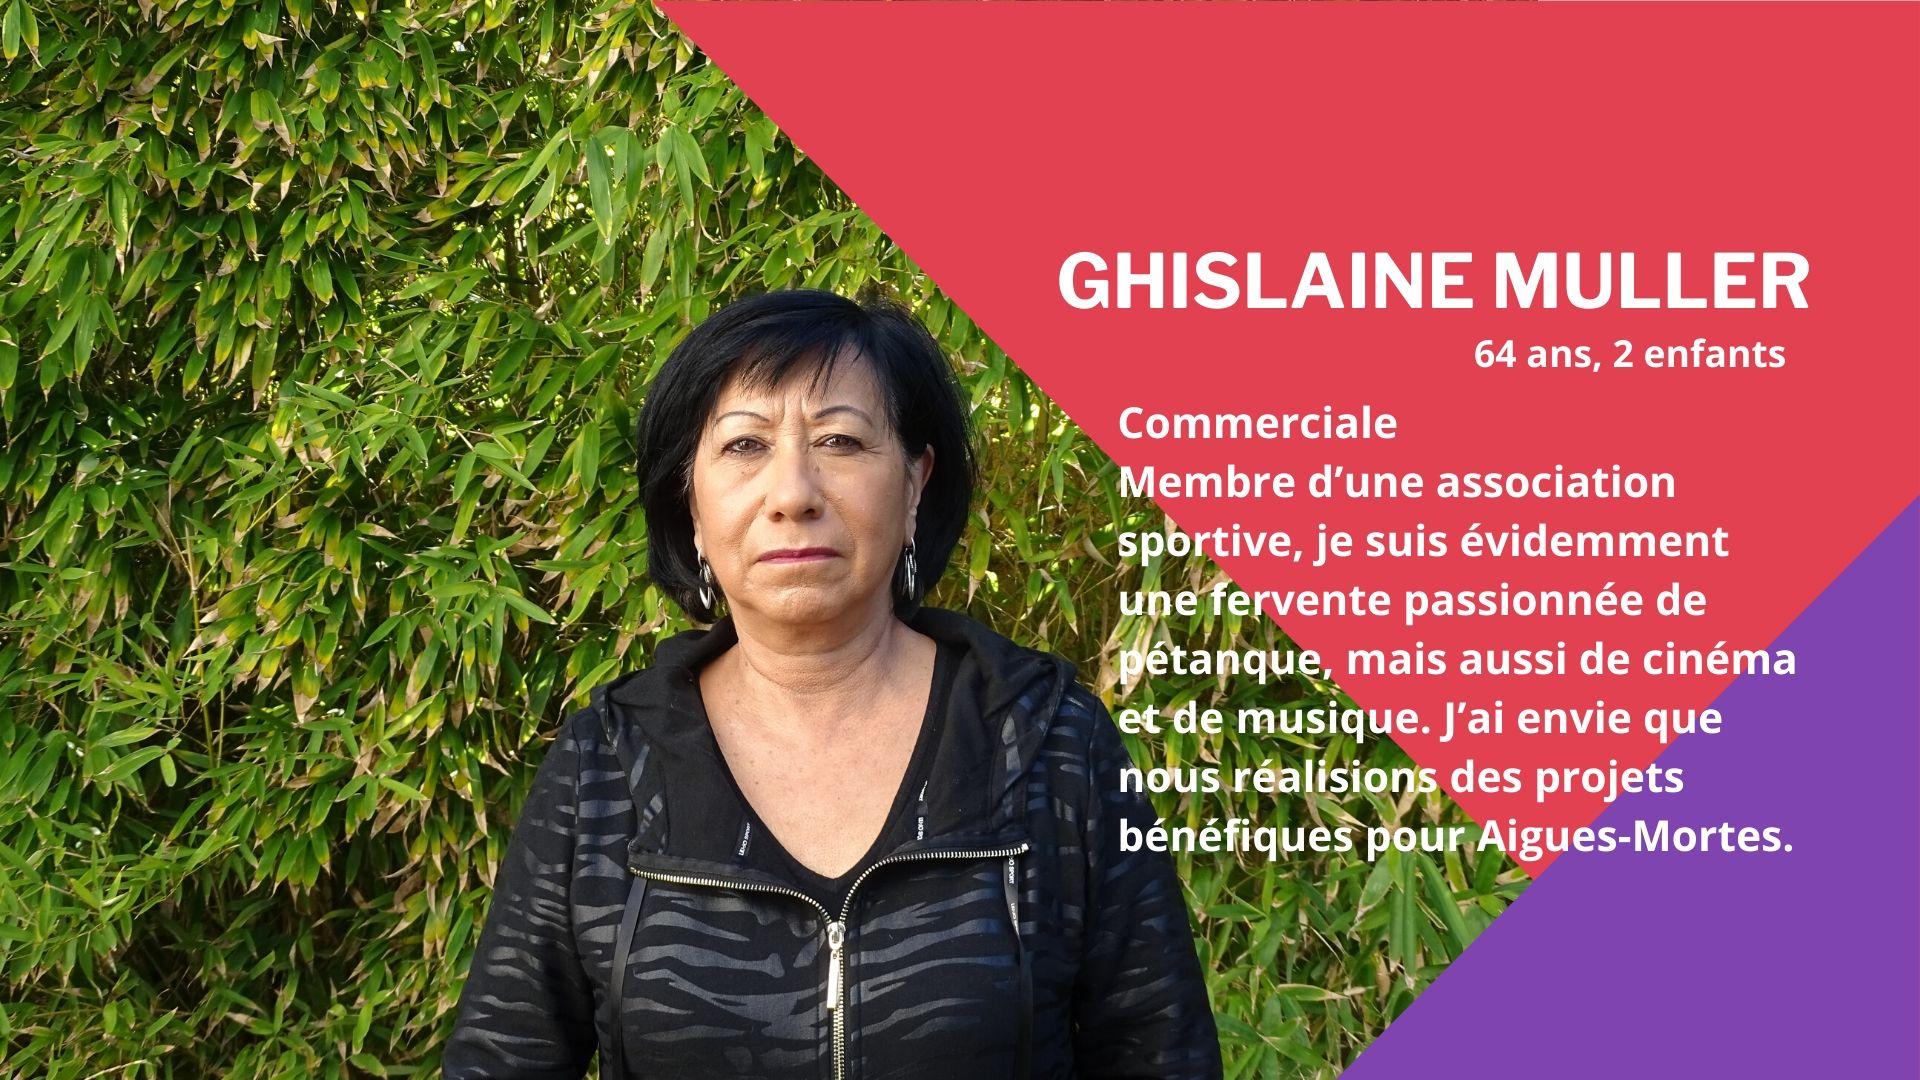 Le Revivre - Ghislaine Muller